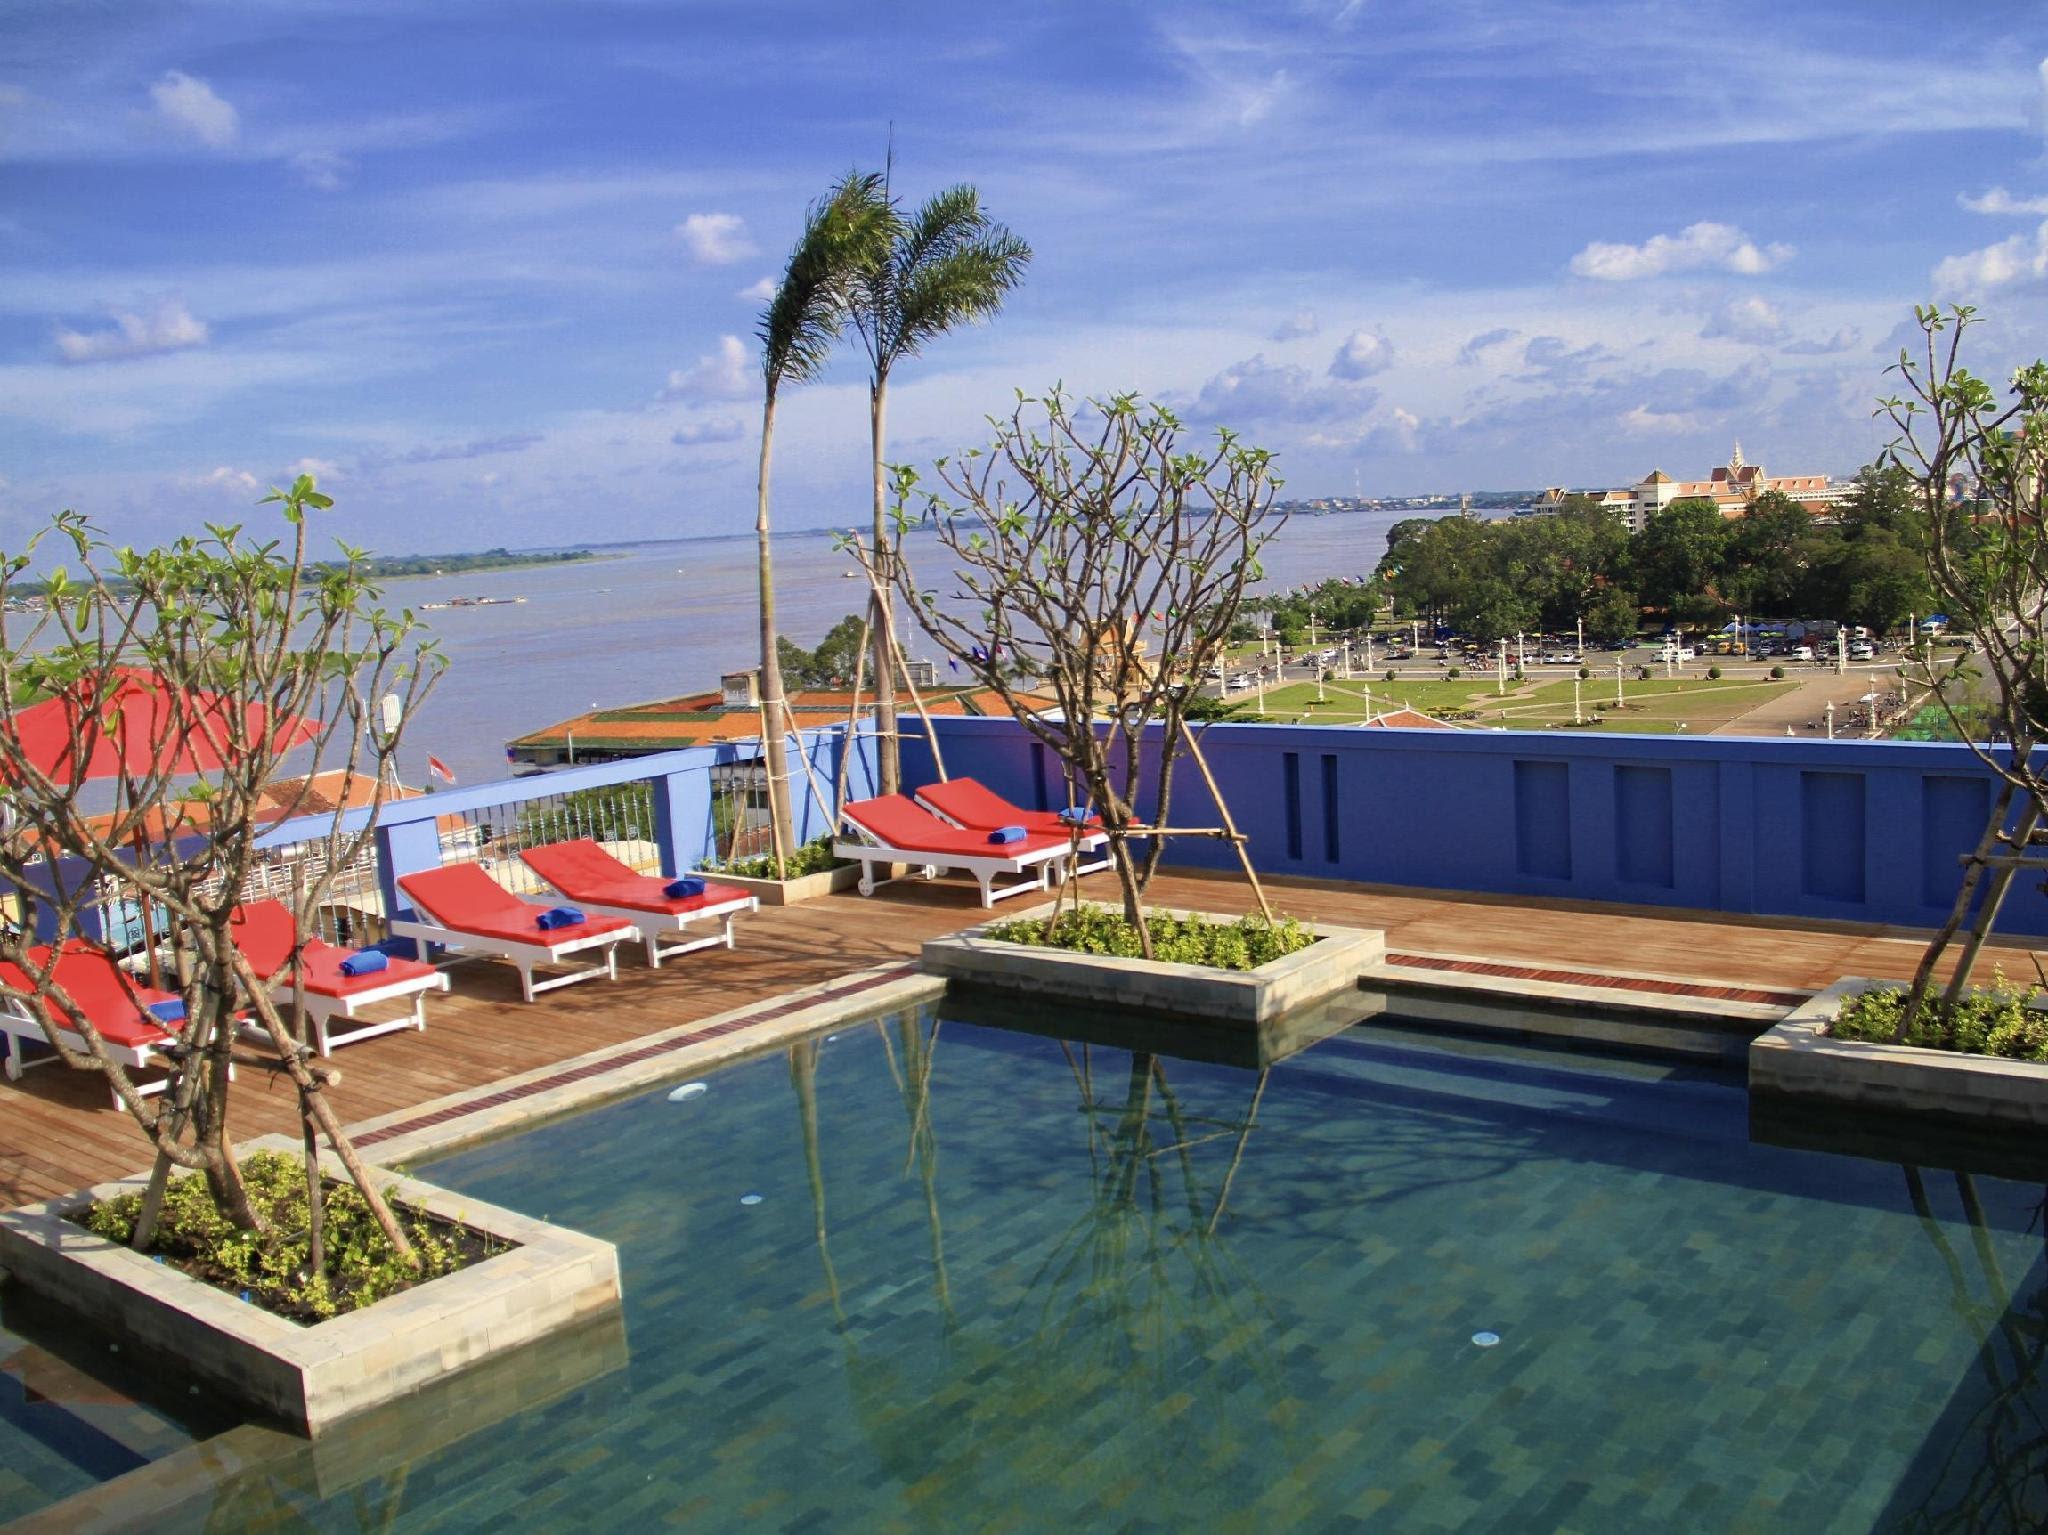 Frangipani Royal Palace Hotel Reviews